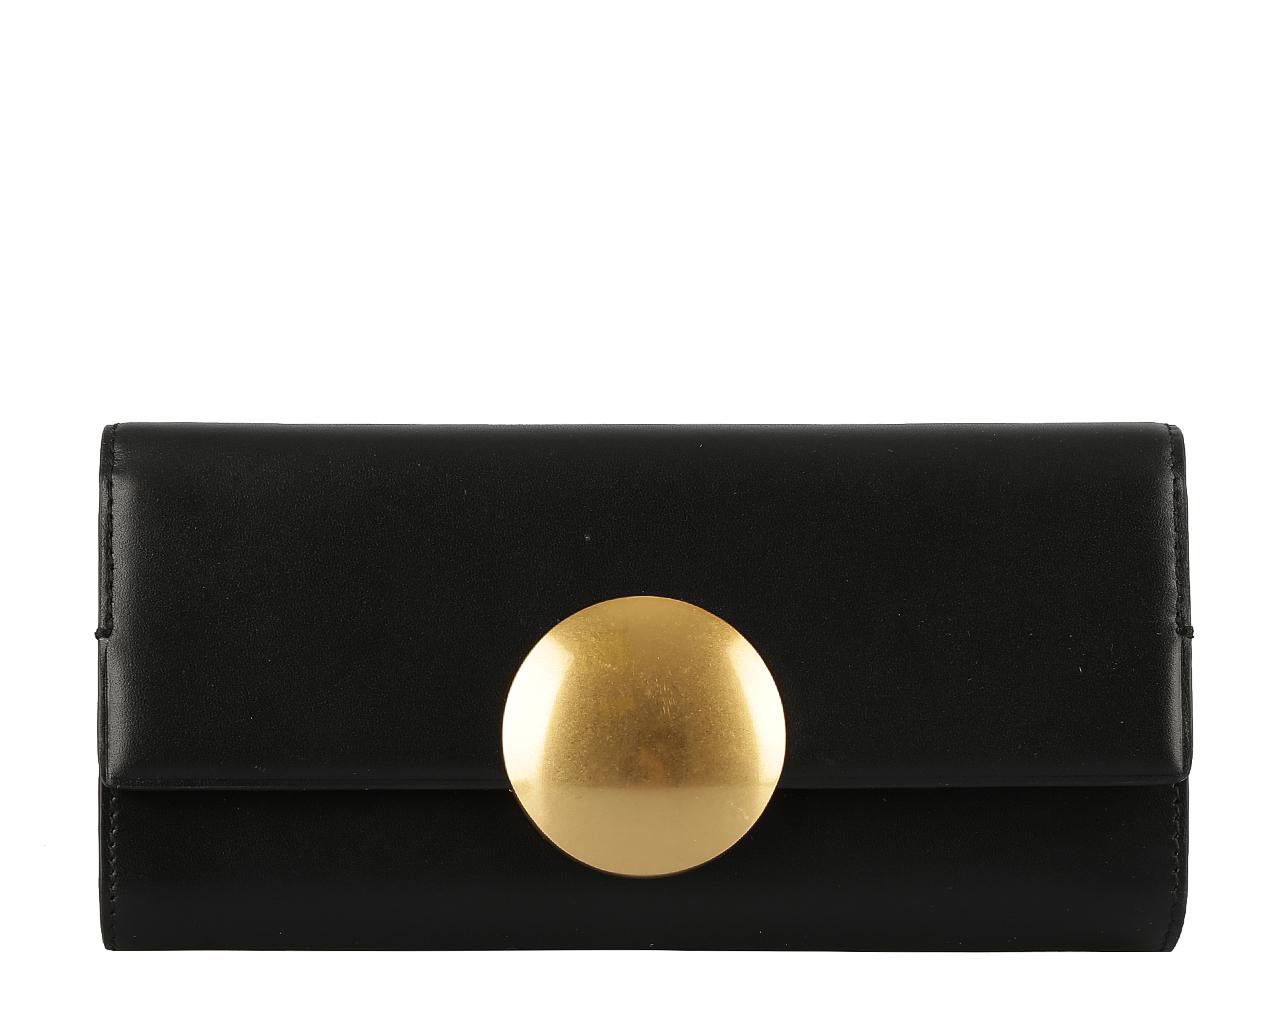 Кошелек женский Leo Ventoni, цвет: черный. L330791L330791 neroСтильный кошелек Leo Ventoni выполнен из натуральной кожи и оформлен металлической фурнитурой. Внутренняя часть изделия выполнена из текстиля и натуральной кожи. Изделие закрывается на клапан с магнитом, оформленным крупным декоративным элементом в виде металлического круга. Внутри кошелек имеет три отделения для купюр, открытый карман для мелких бумаг и чеков, шестнадцать кармашков для кредитных карт и визиток и один кармашек с прозрачным окошком из мягкого пластика. Отделение для мелочи расположено на тыльной стороне, имеет два кармана и закрывается на металлическую застежку-молнию. Стильный кошелек Leo Ventoni станет отличным подарком для человека, ценящего качественные и практичные вещи.